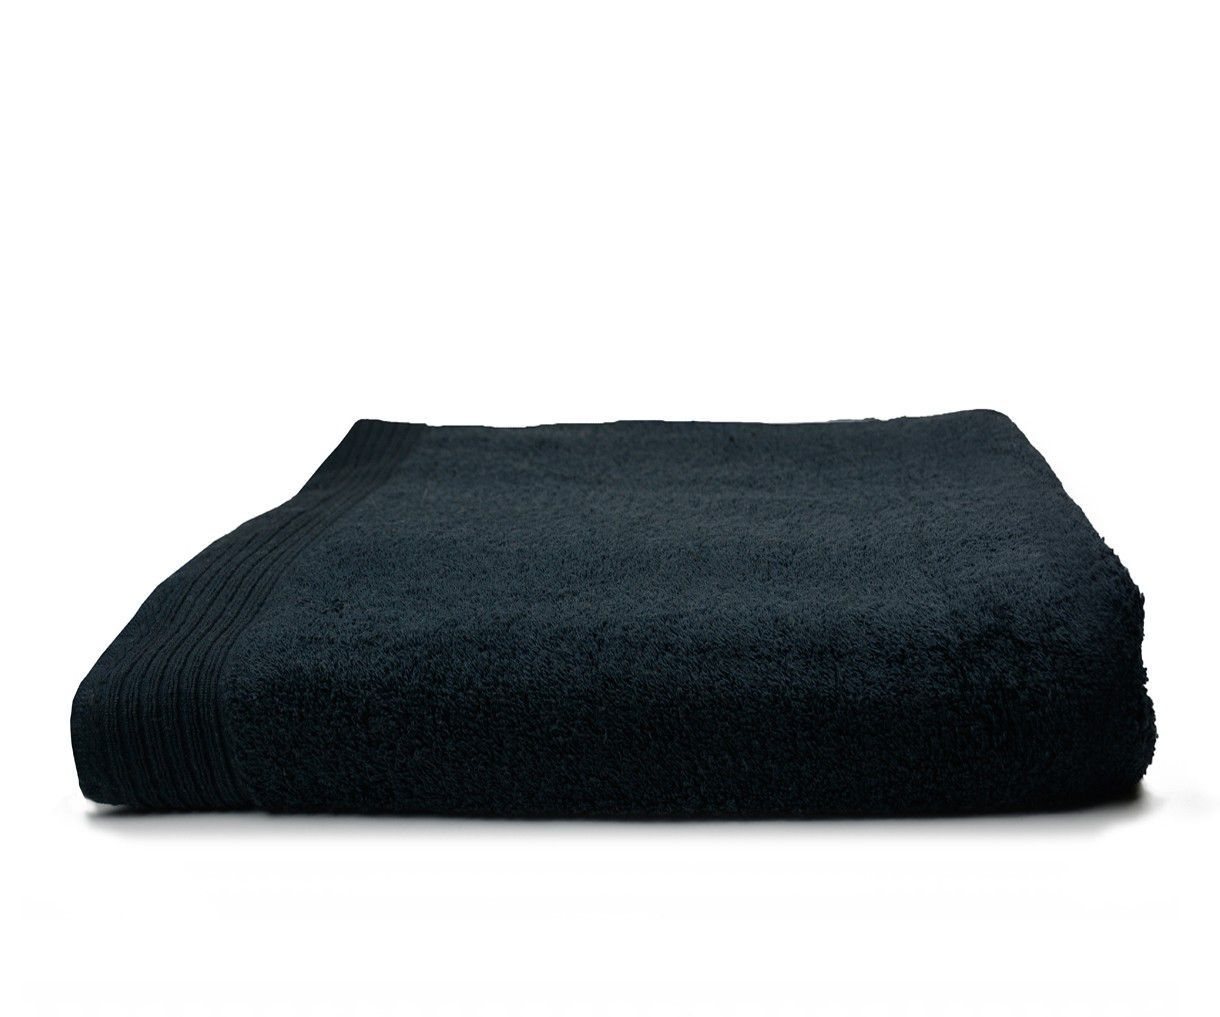 The One Badhanddoek Deluxe 70x140 550 gram Zwart